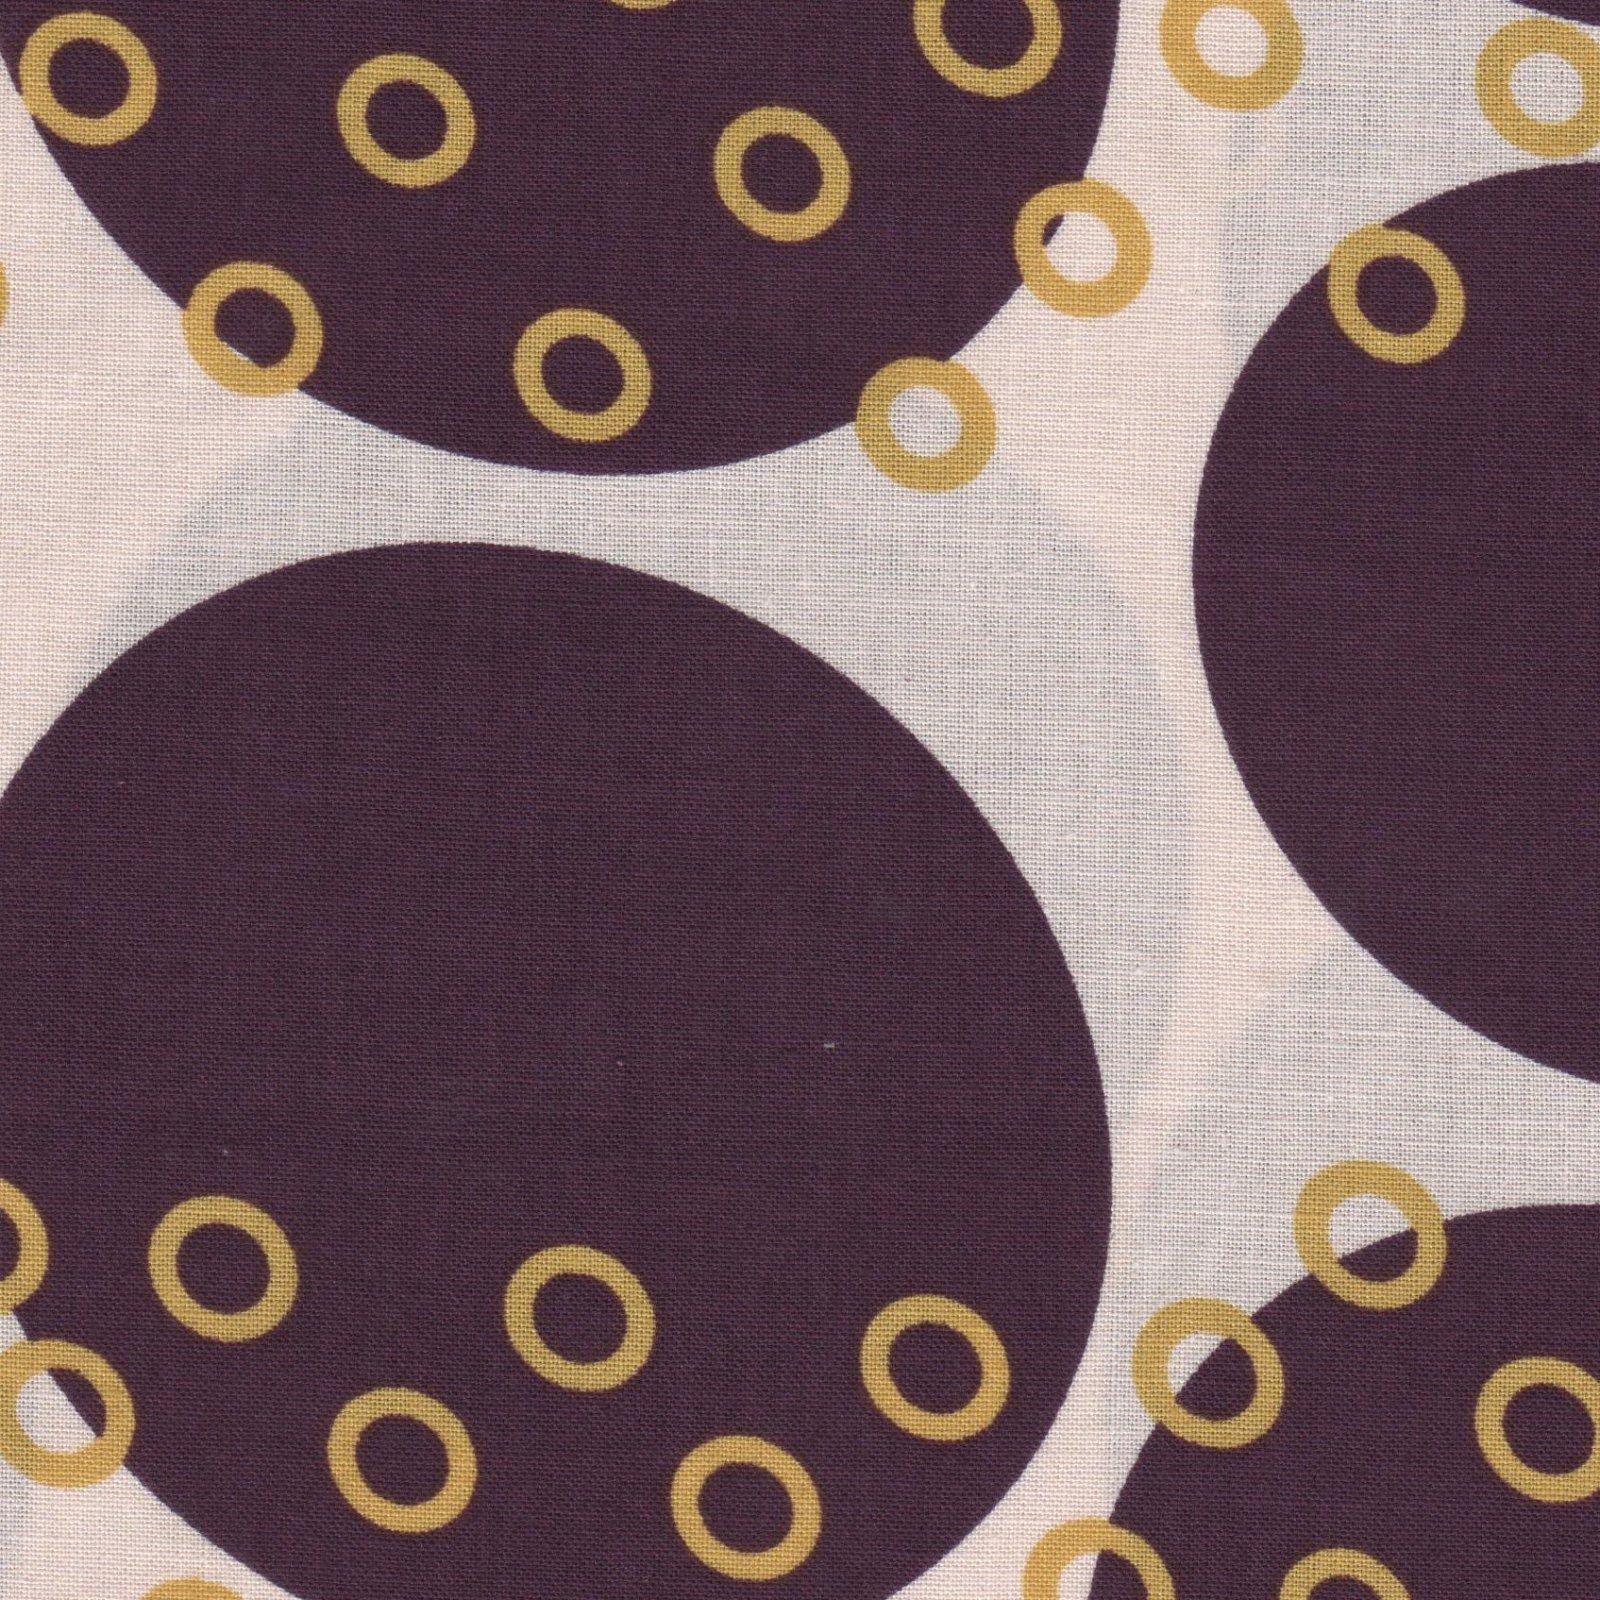 Saffron Craig - Imaginary Flowers Spots and Bubbles